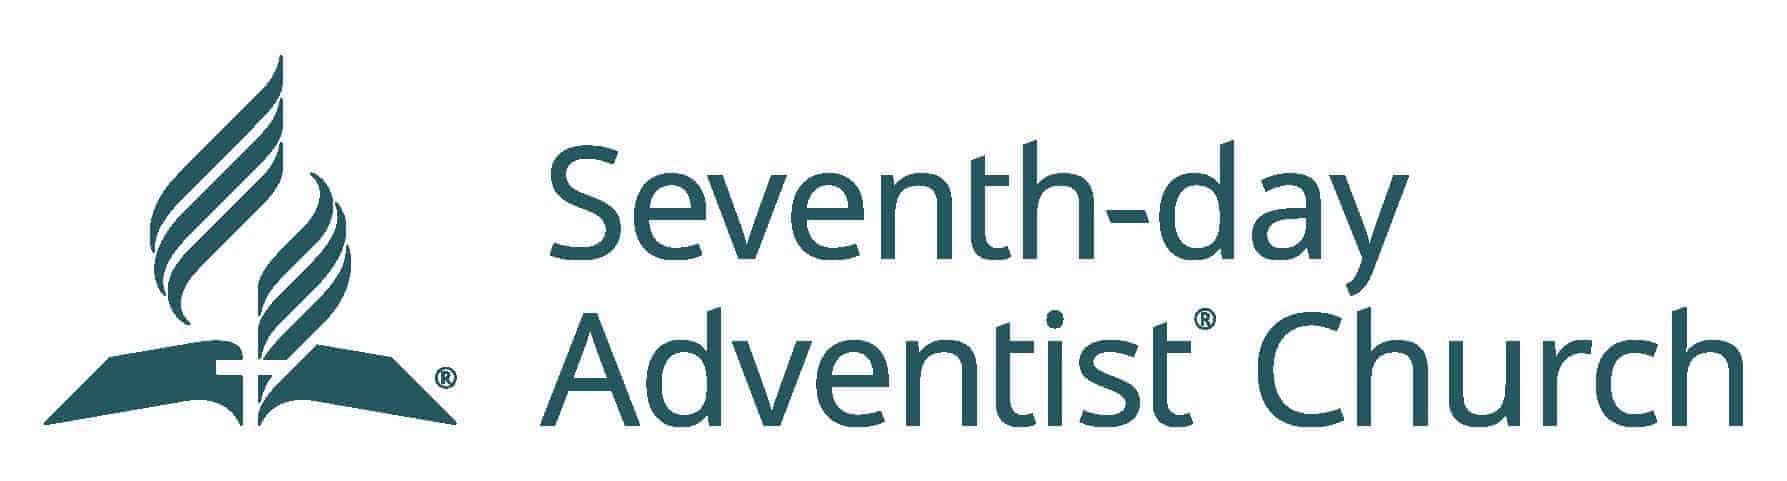 adventist-en-cave-1-1-2-1-1-1-1-1-1-1.jpg